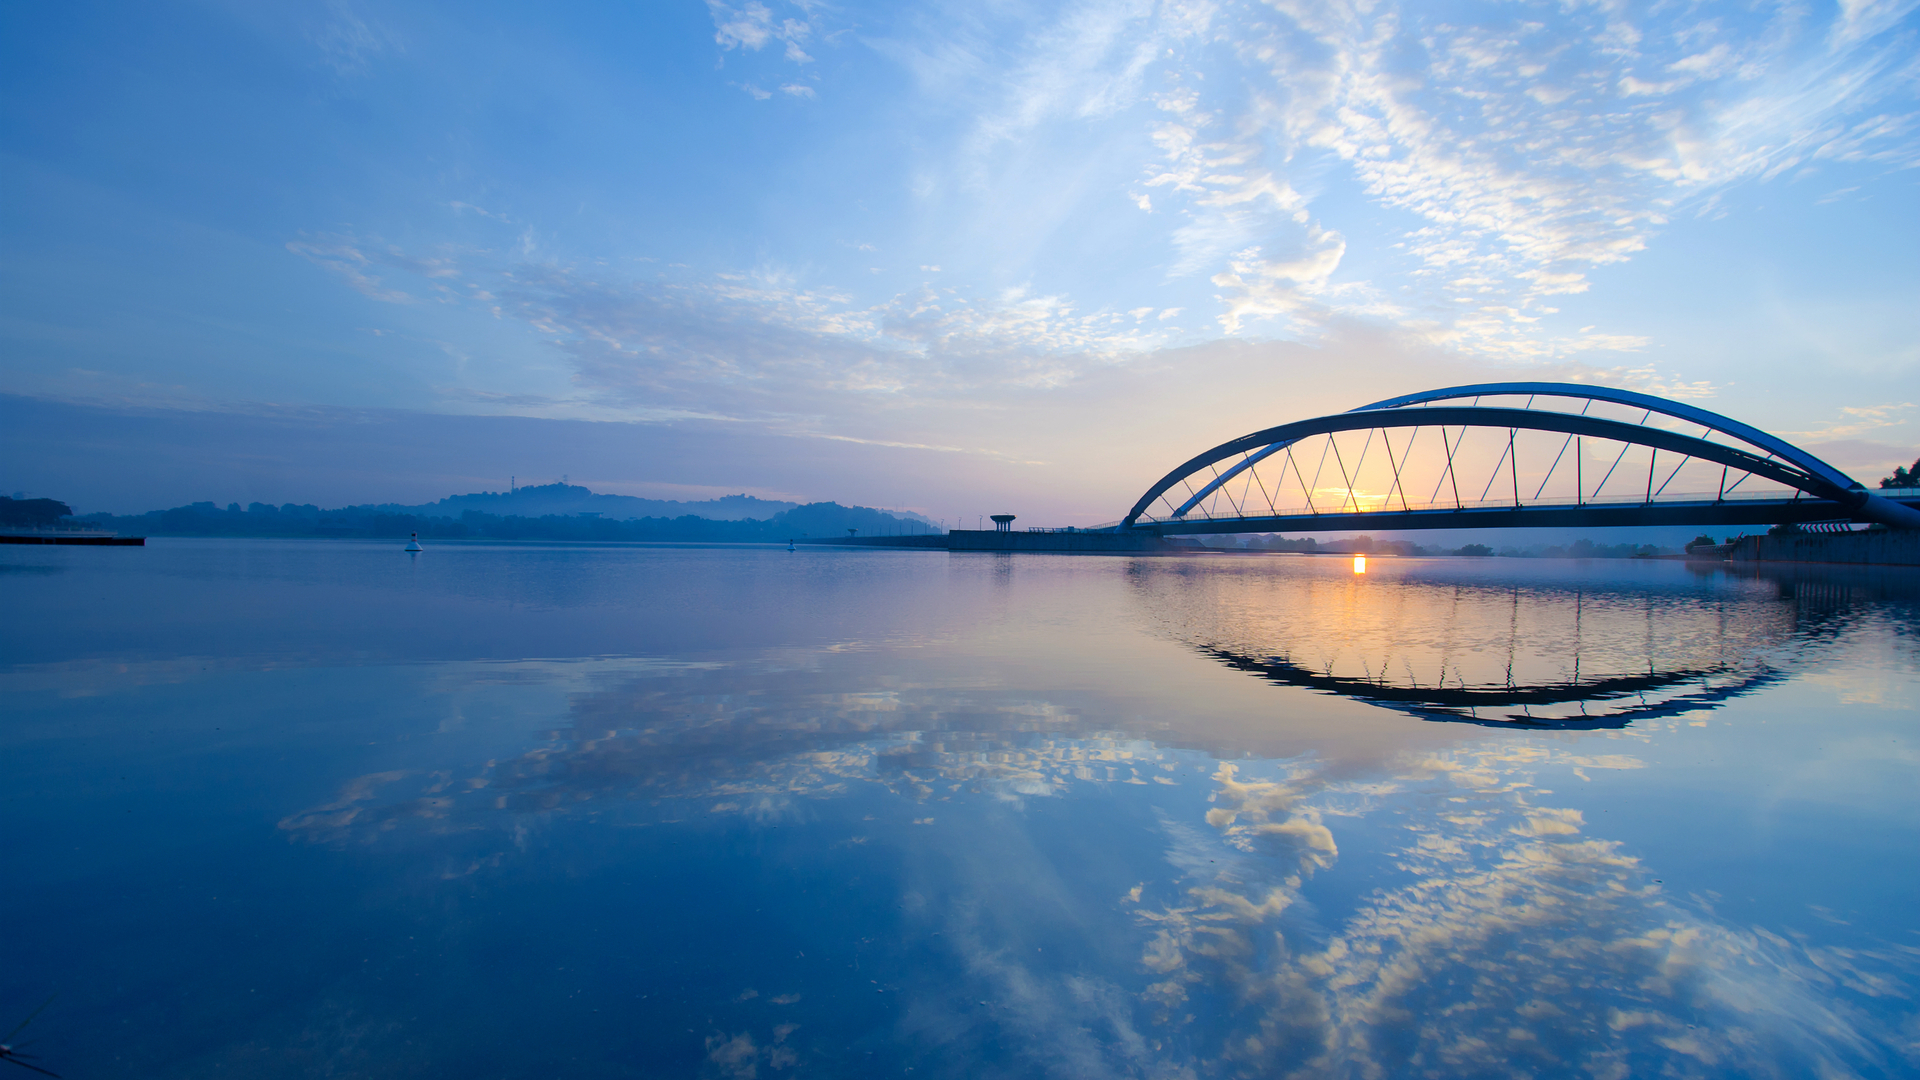 31969 économiseurs d'écran et fonds d'écran Bridges sur votre téléphone. Téléchargez Paysage, Bridges, L'architecture images gratuitement